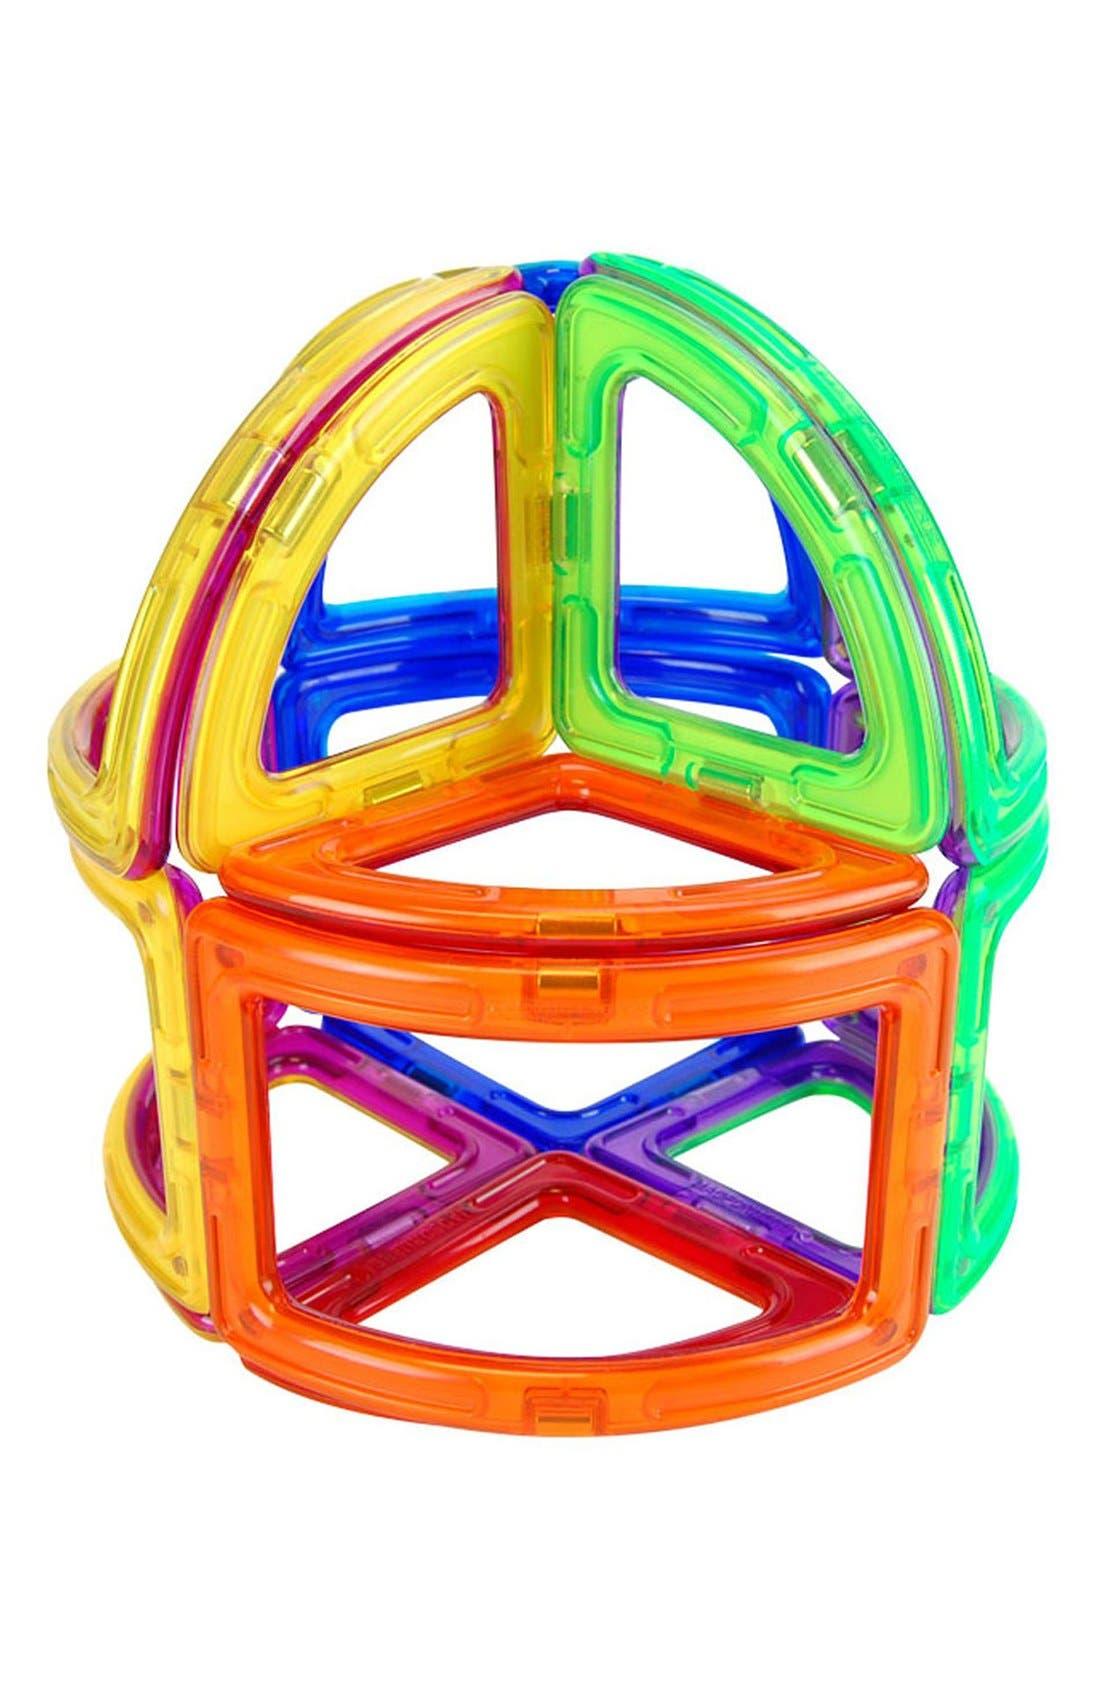 'Creator - Unique' Magnetic 3D Construction Set,                             Alternate thumbnail 4, color,                             Rainbow